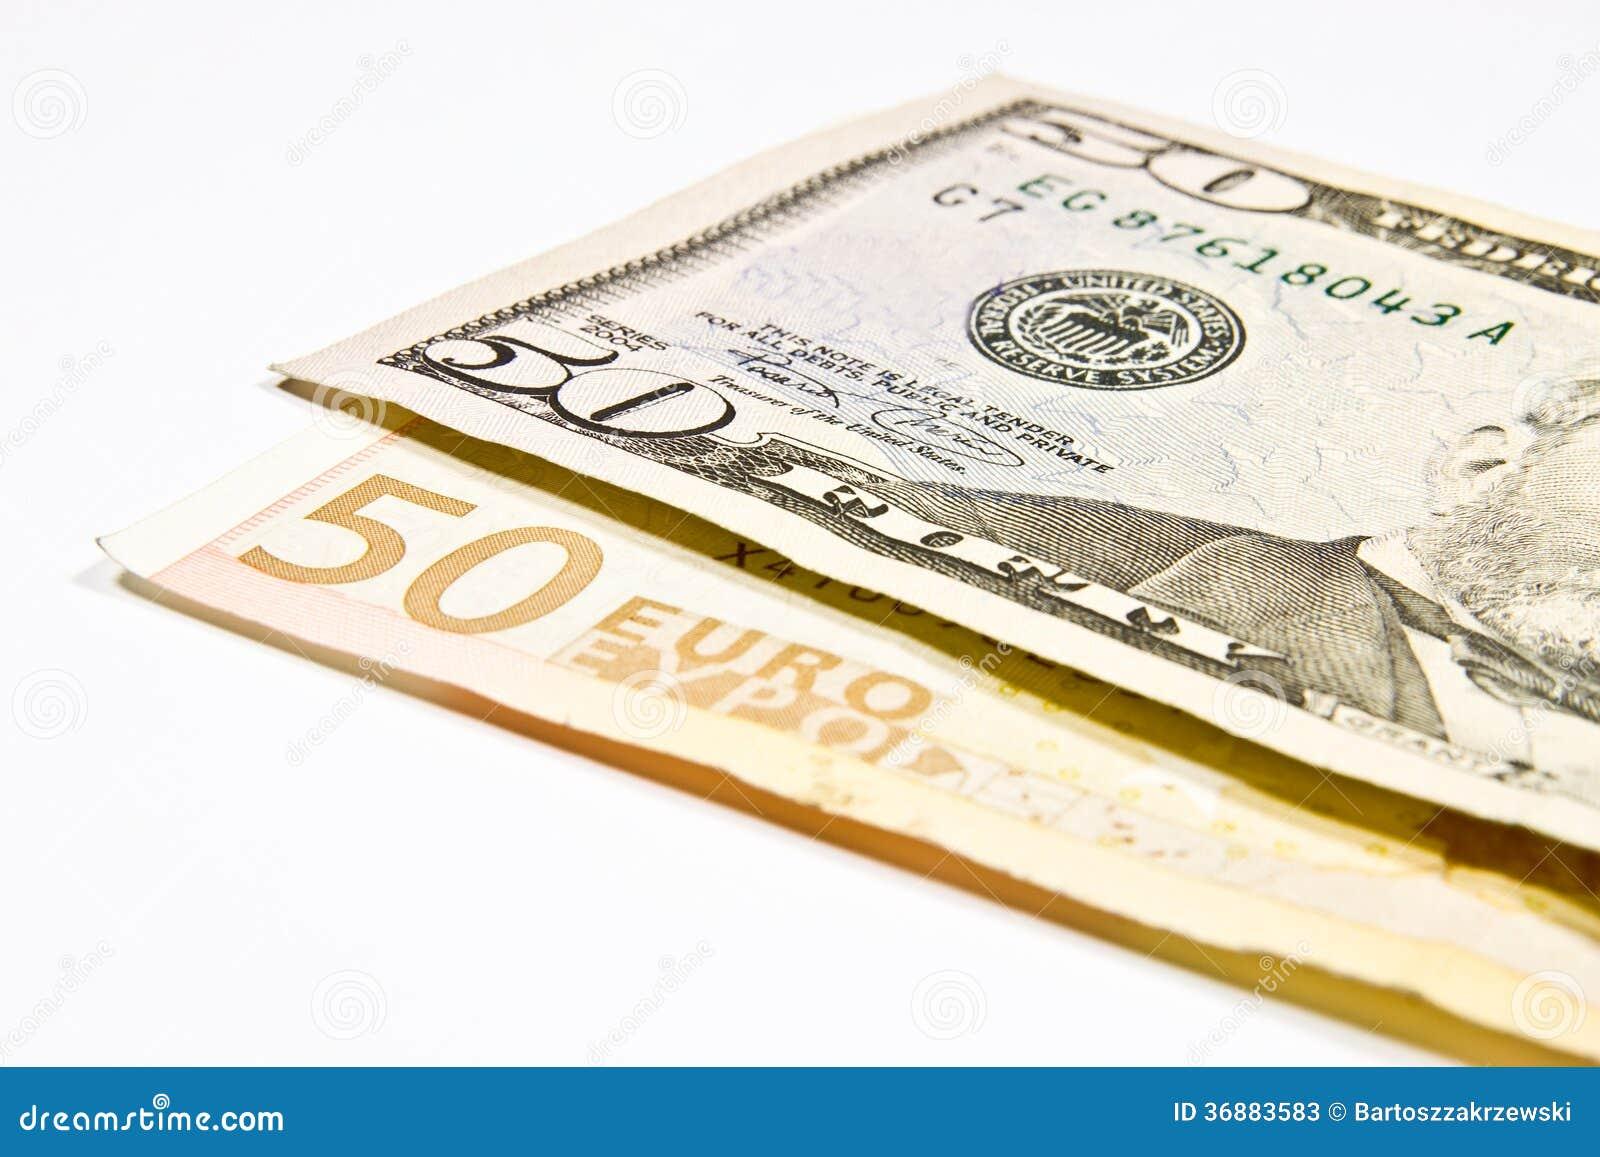 Download Valute euro e dollaro immagine stock. Immagine di colore - 36883583